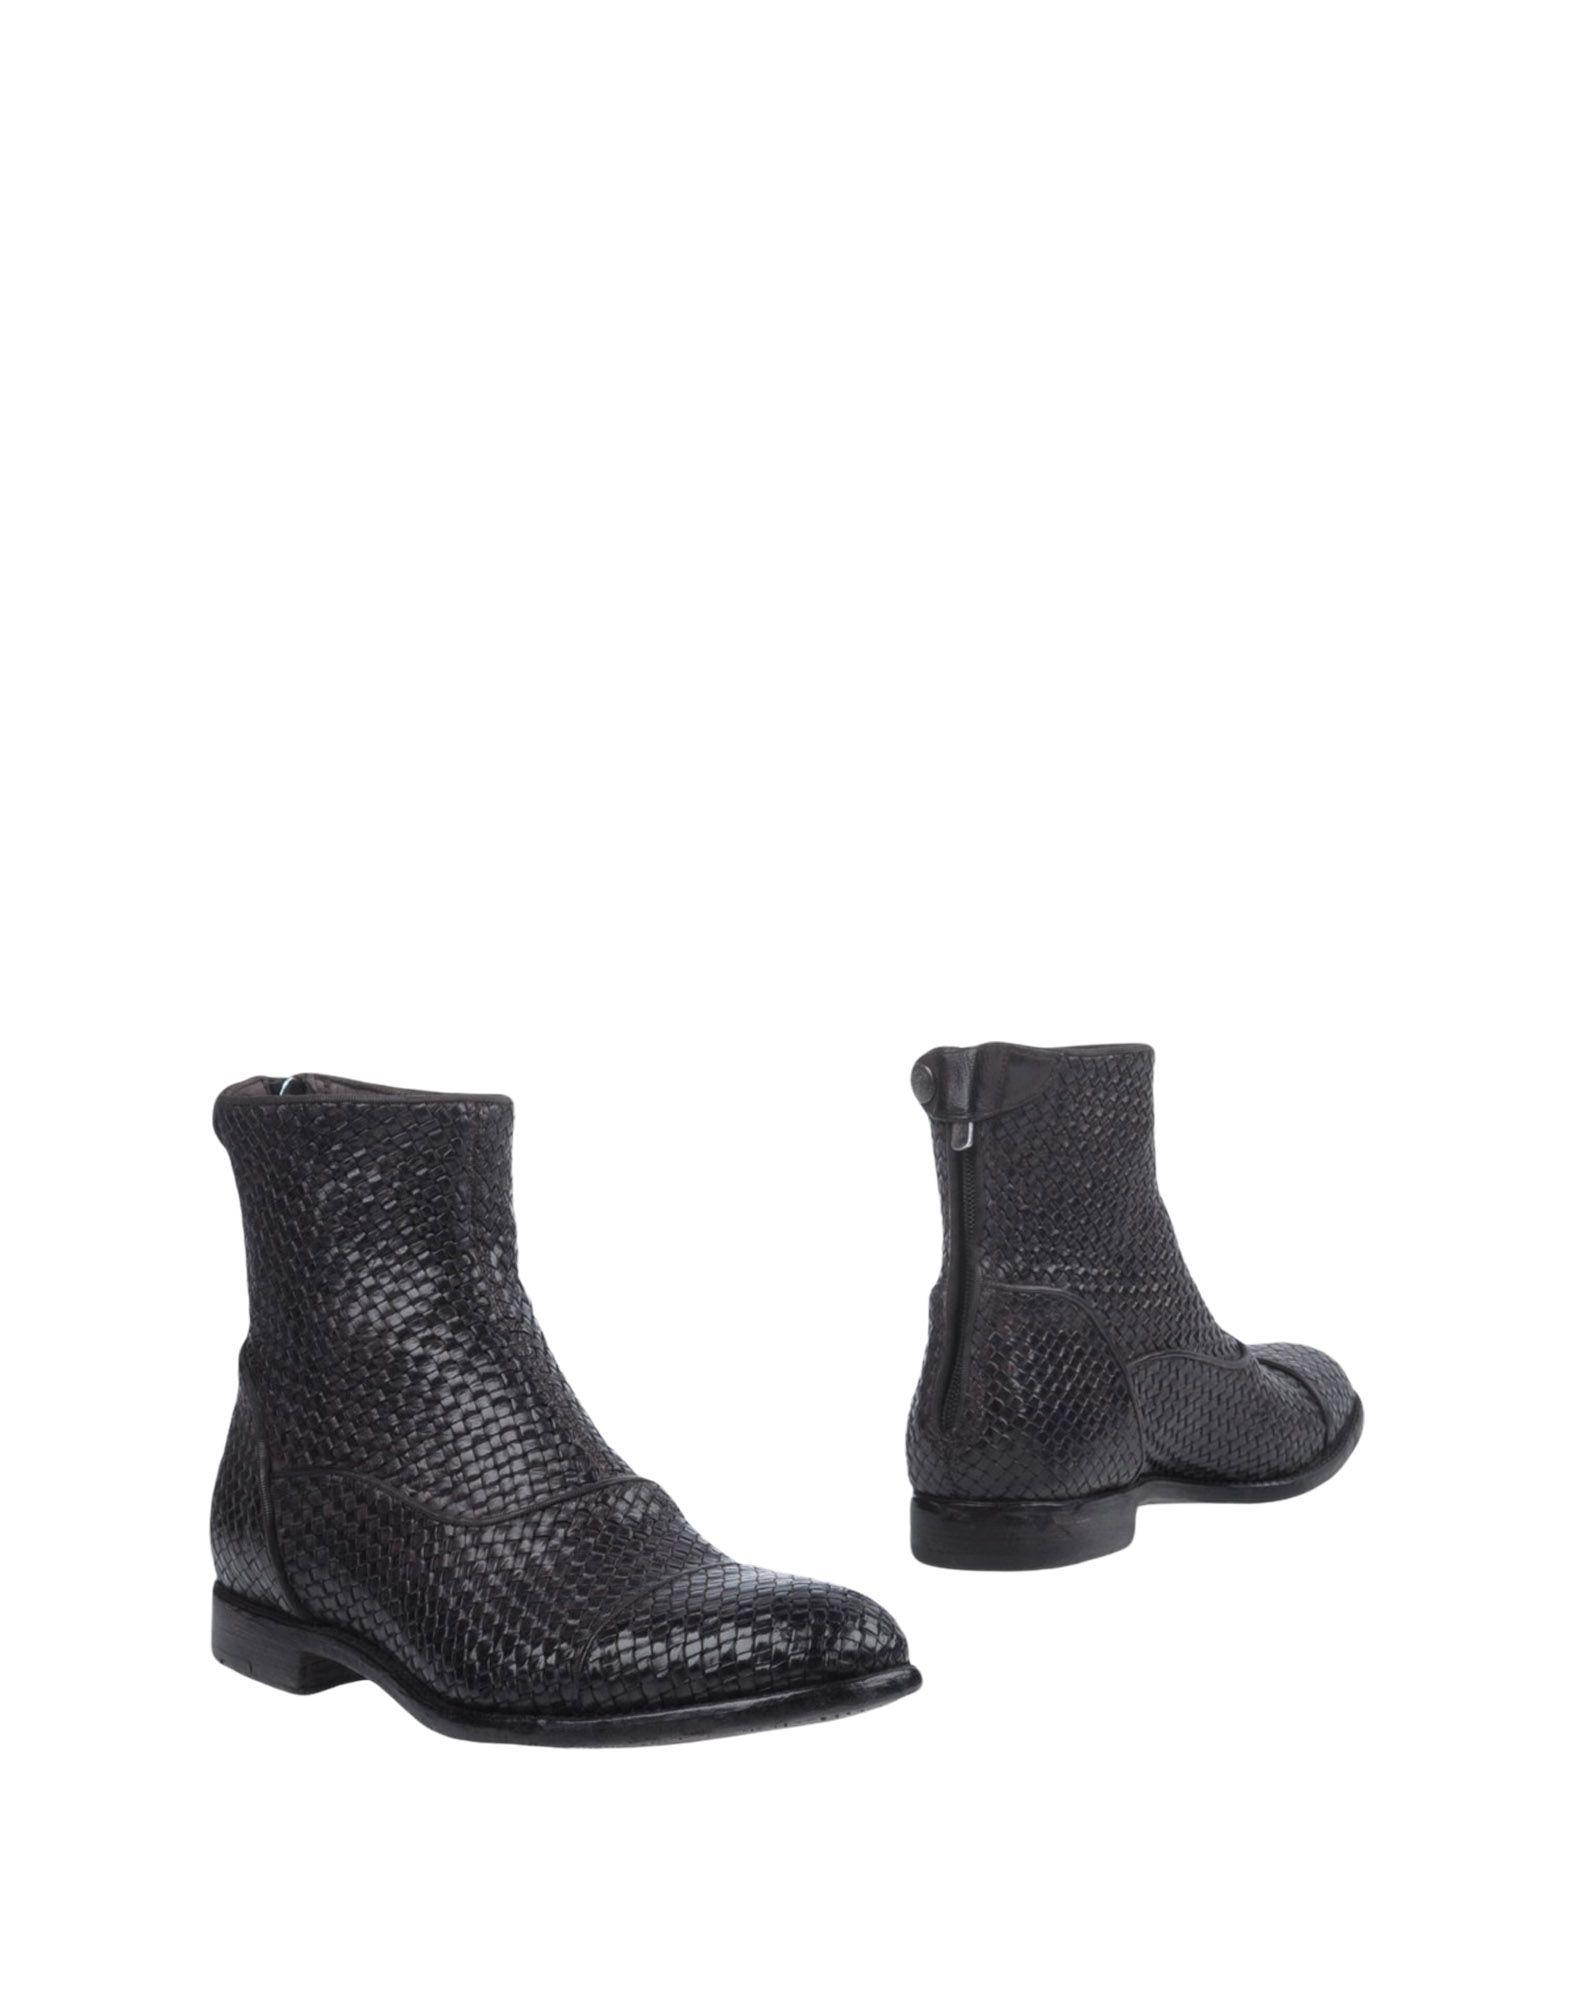 Alberto Fasciani Stiefelette Herren  11387544XW Gute Qualität beliebte Schuhe